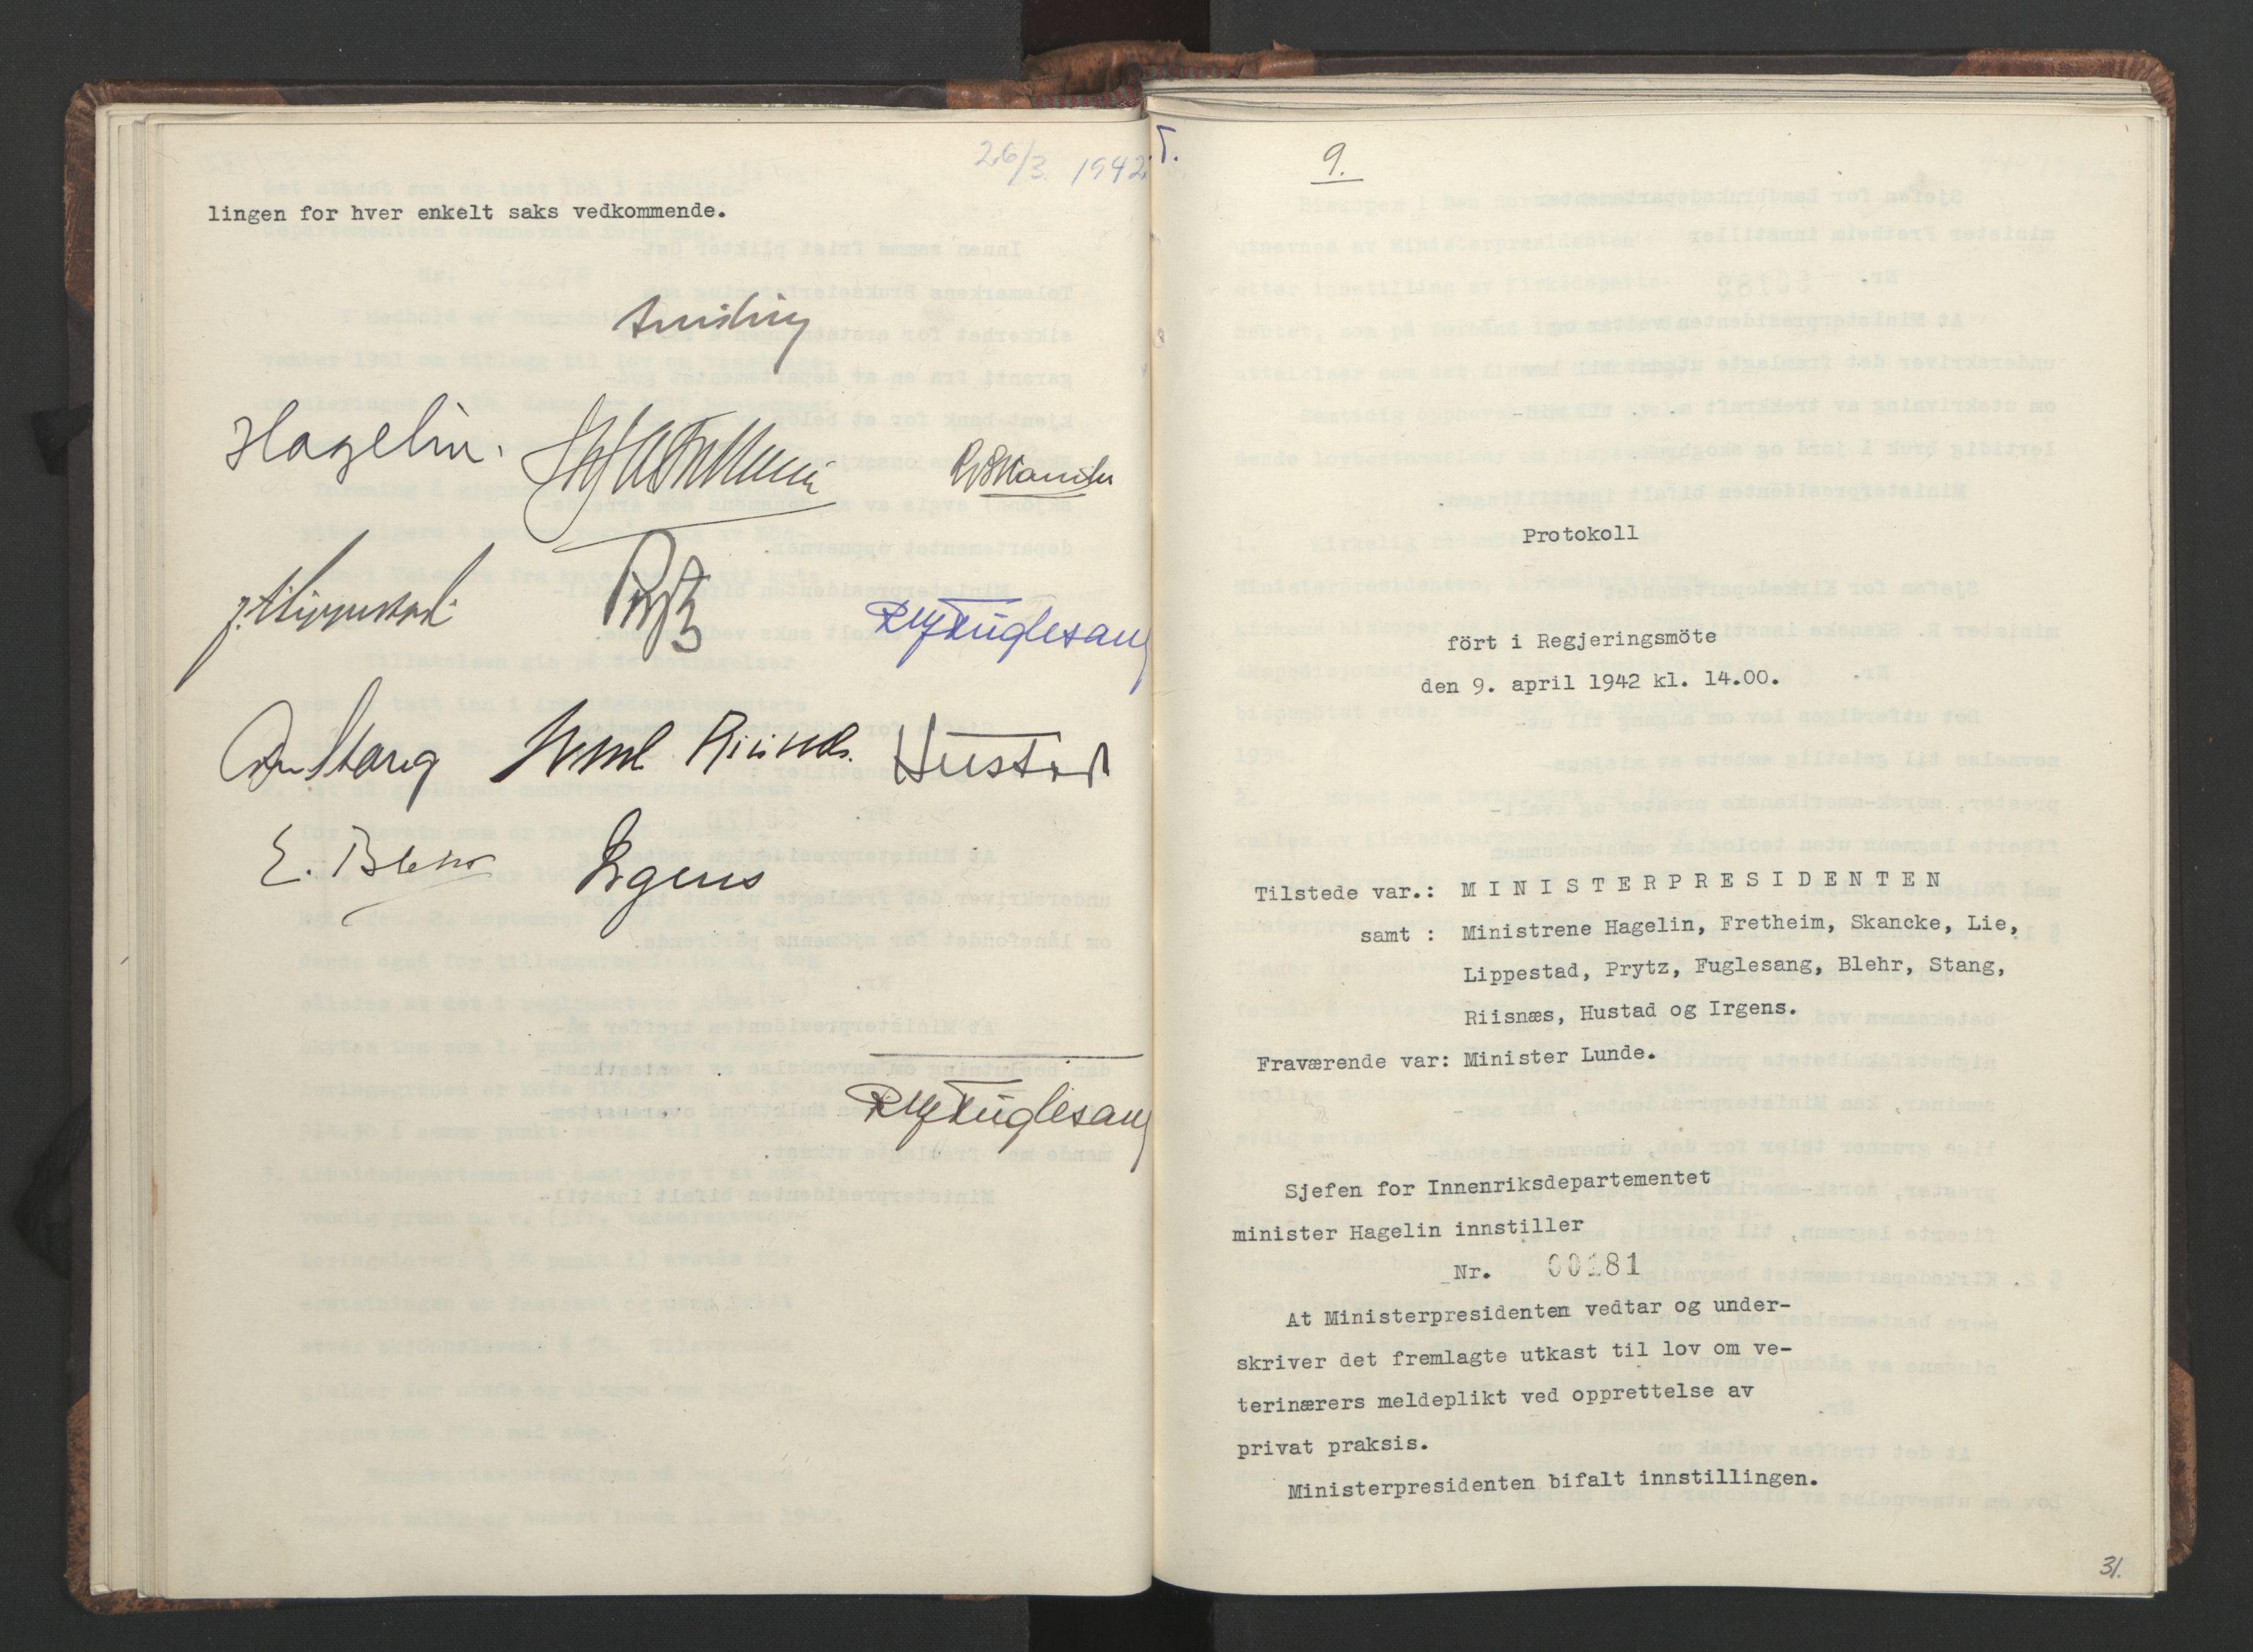 RA, NS-administrasjonen 1940-1945 (Statsrådsekretariatet, de kommisariske statsråder mm), D/Da/L0001: Beslutninger og tillegg (1-952 og 1-32), 1942, s. 30b-31a